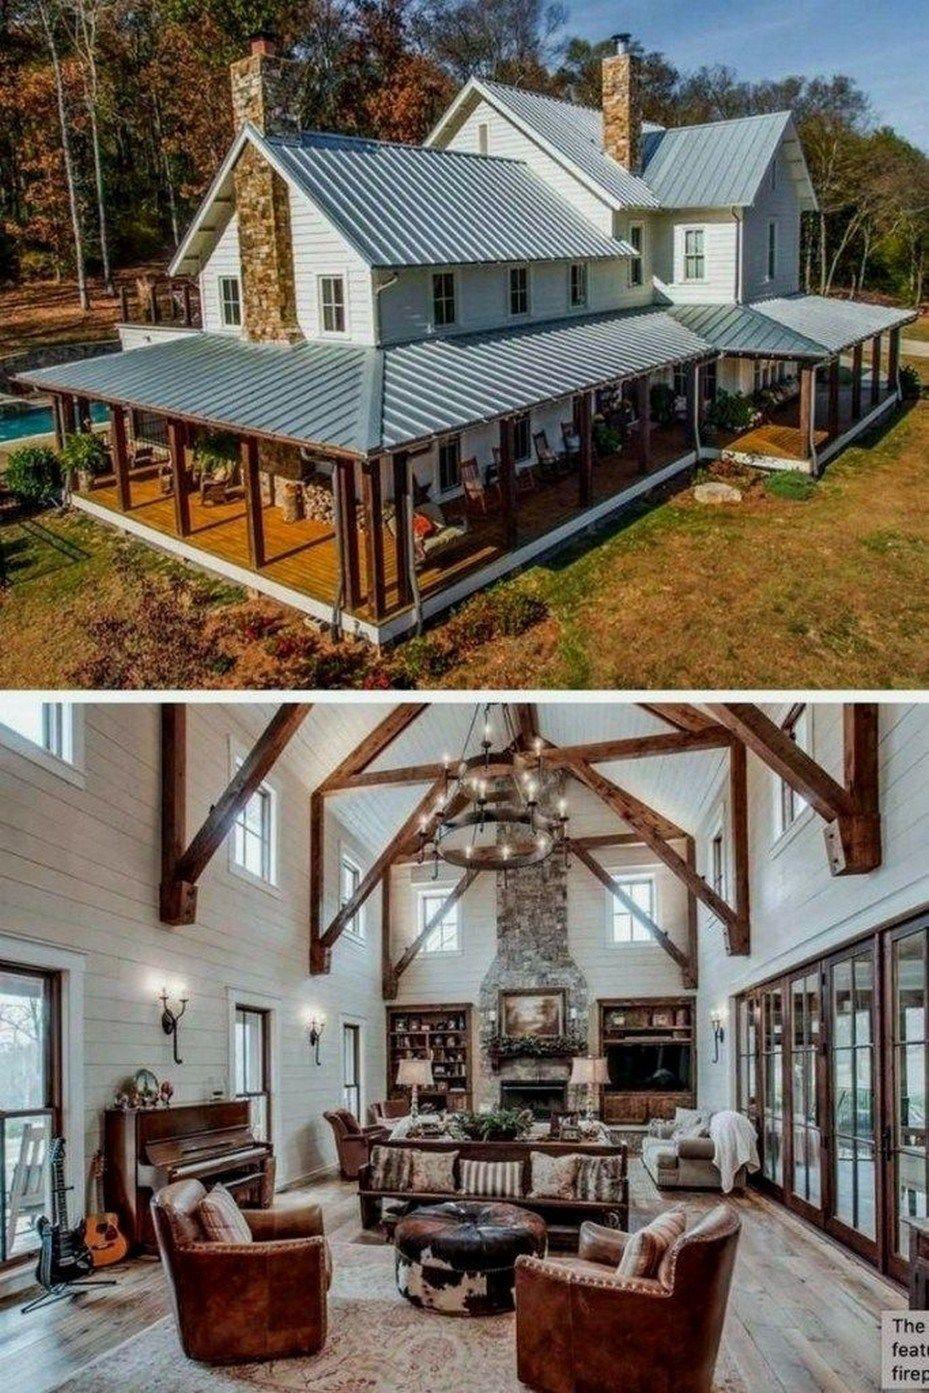 63 Farmhouse Exterior Design Ideas Stylish But Simple Look 20 Fieltro Net Barn House Plans Modern Farmhouse Exterior Metal Building Home